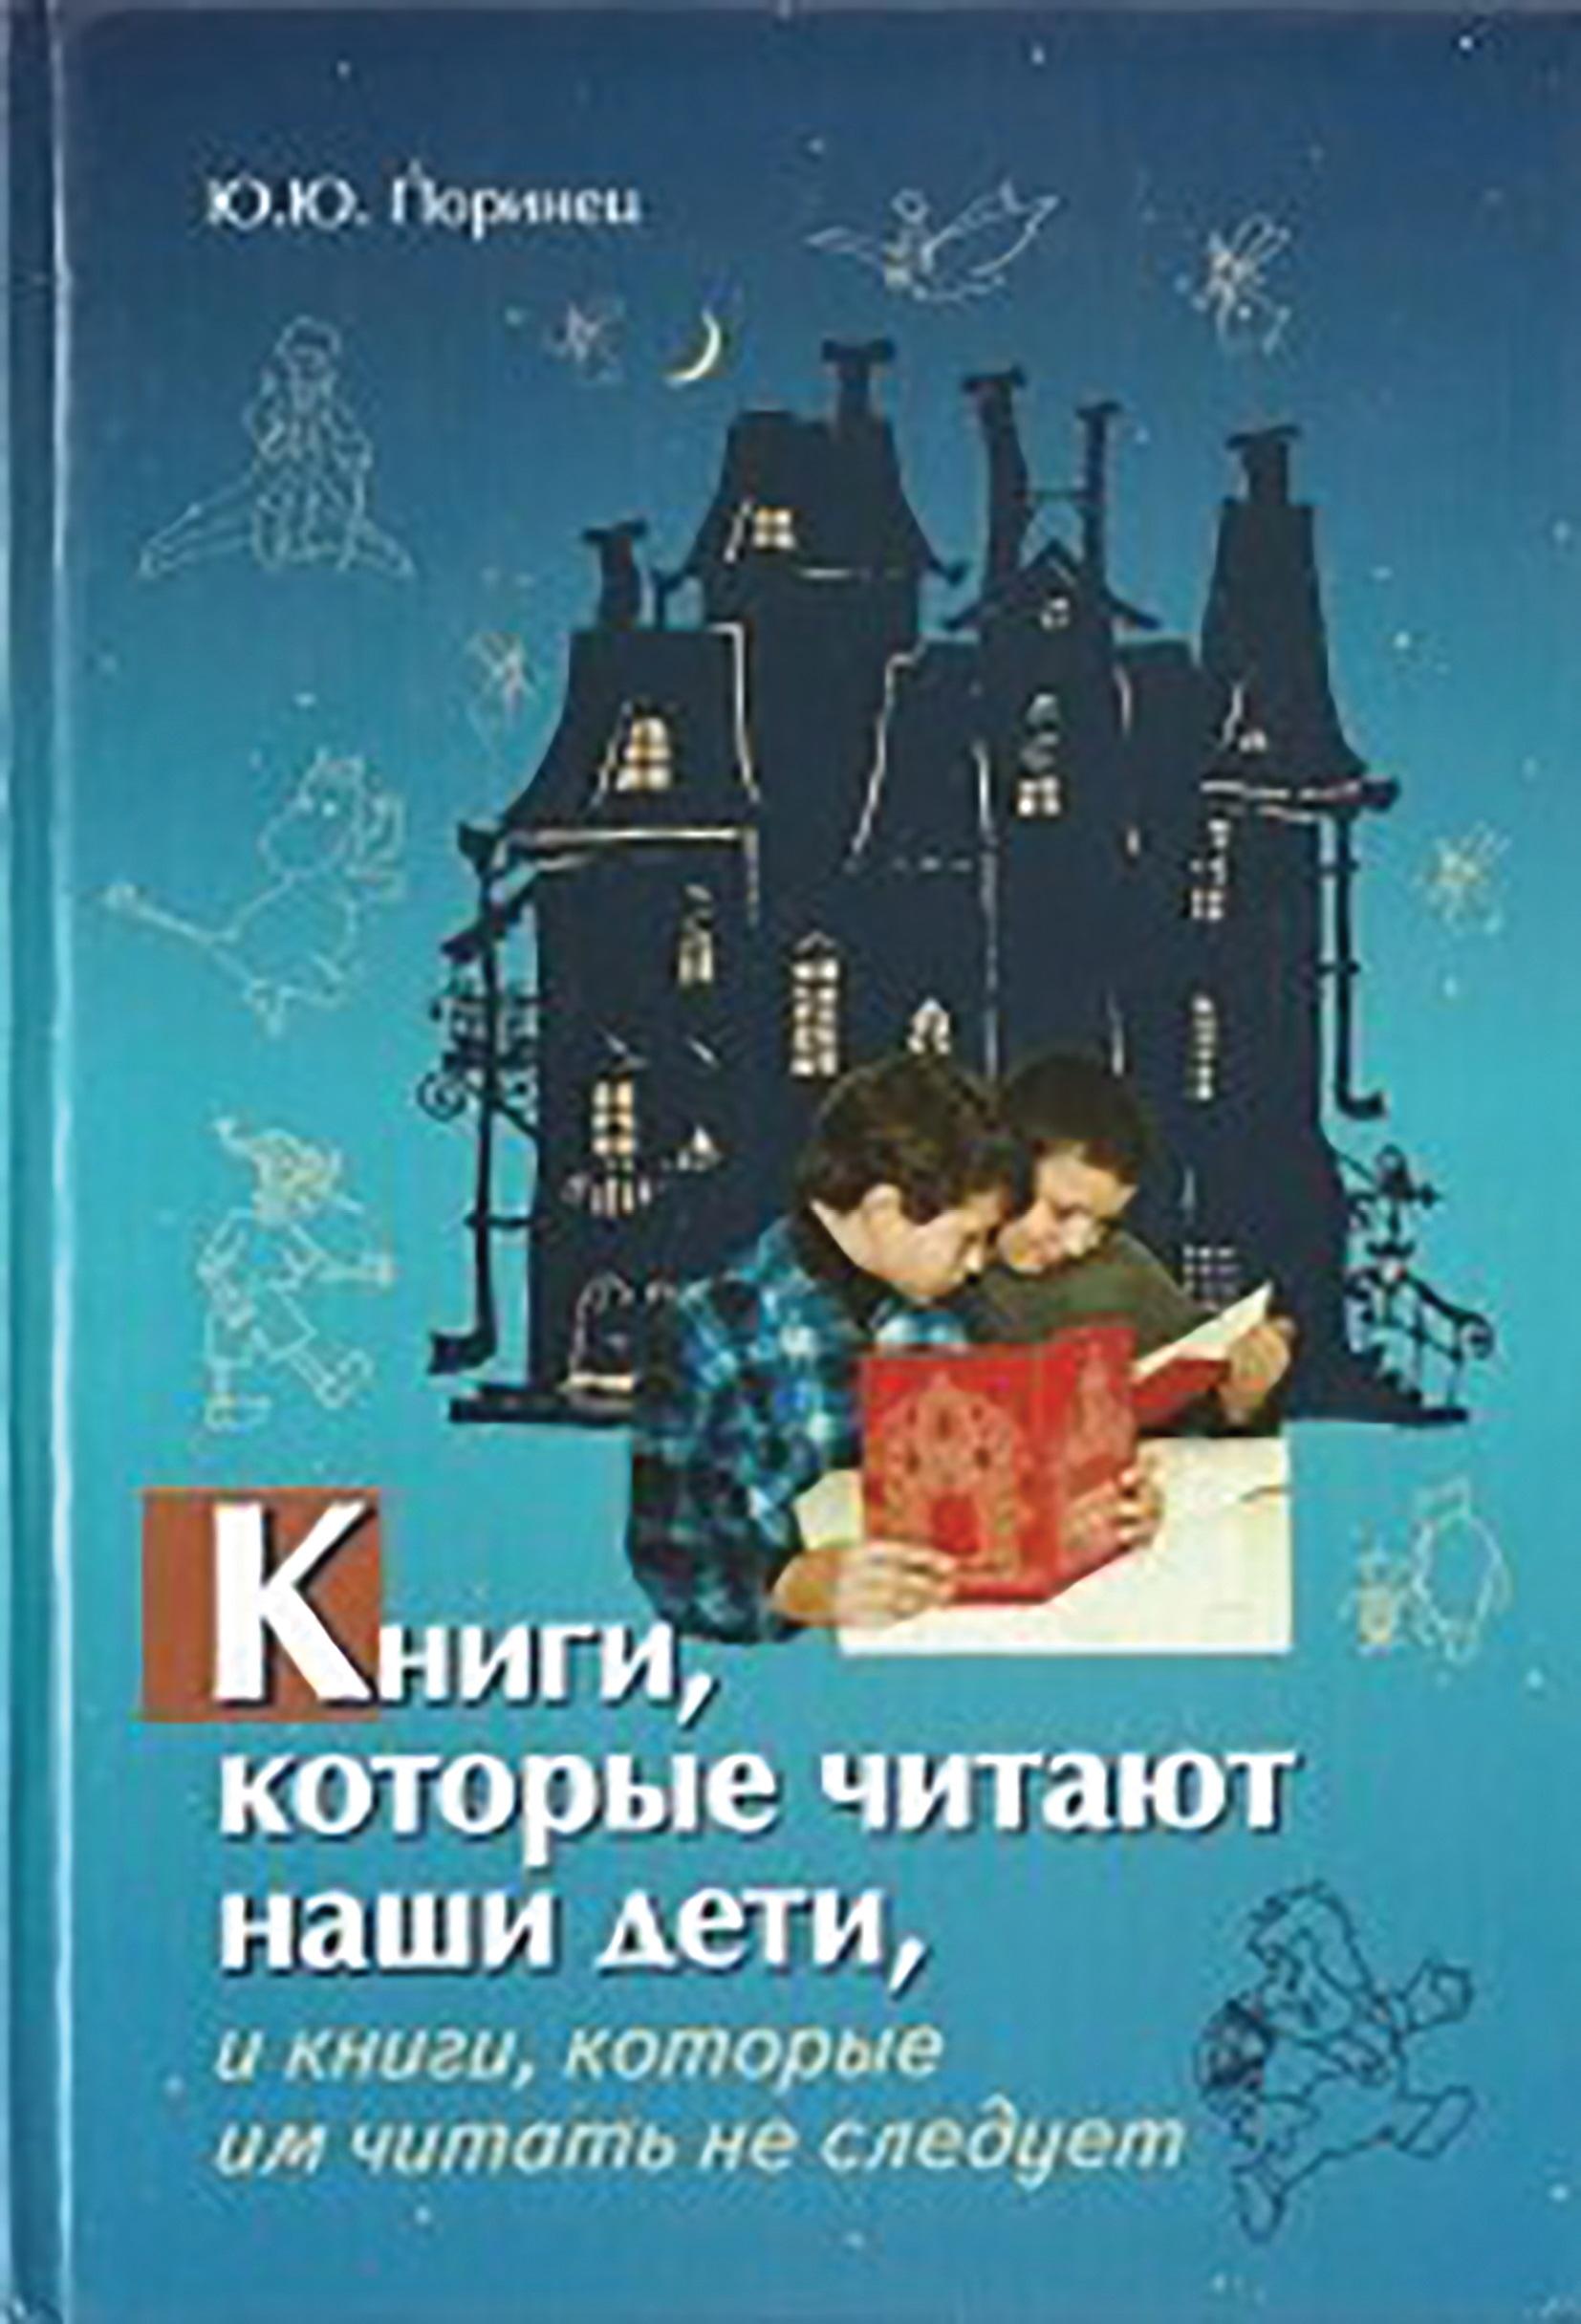 Купить книгу Книги, которые читают наши дети, и книги, которые им читать не следует, автора Юрия Поринца